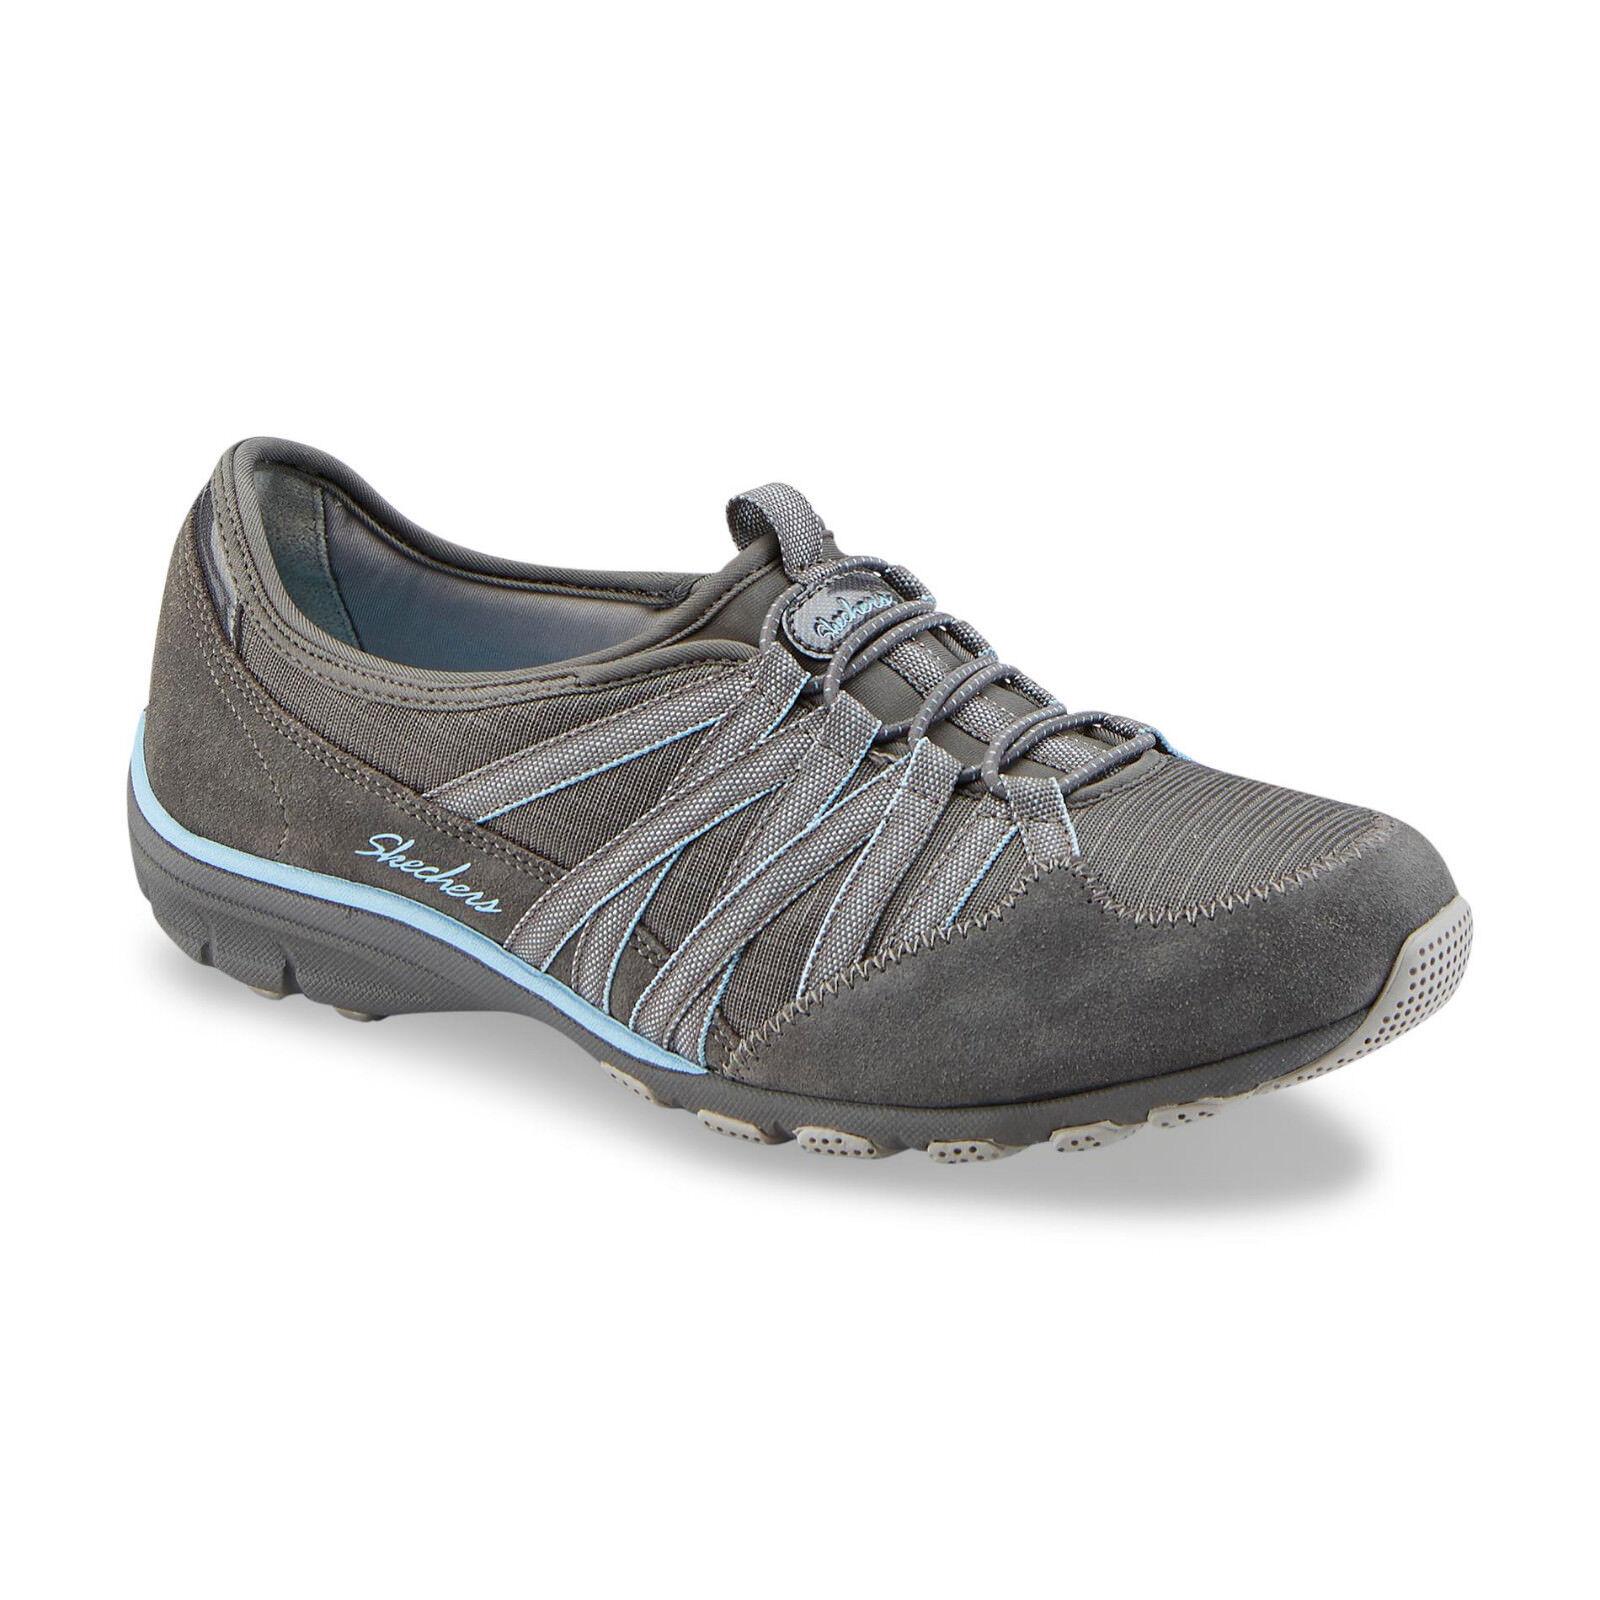 Ropa, calzado y complementos Calzado de hombre Asics Gel